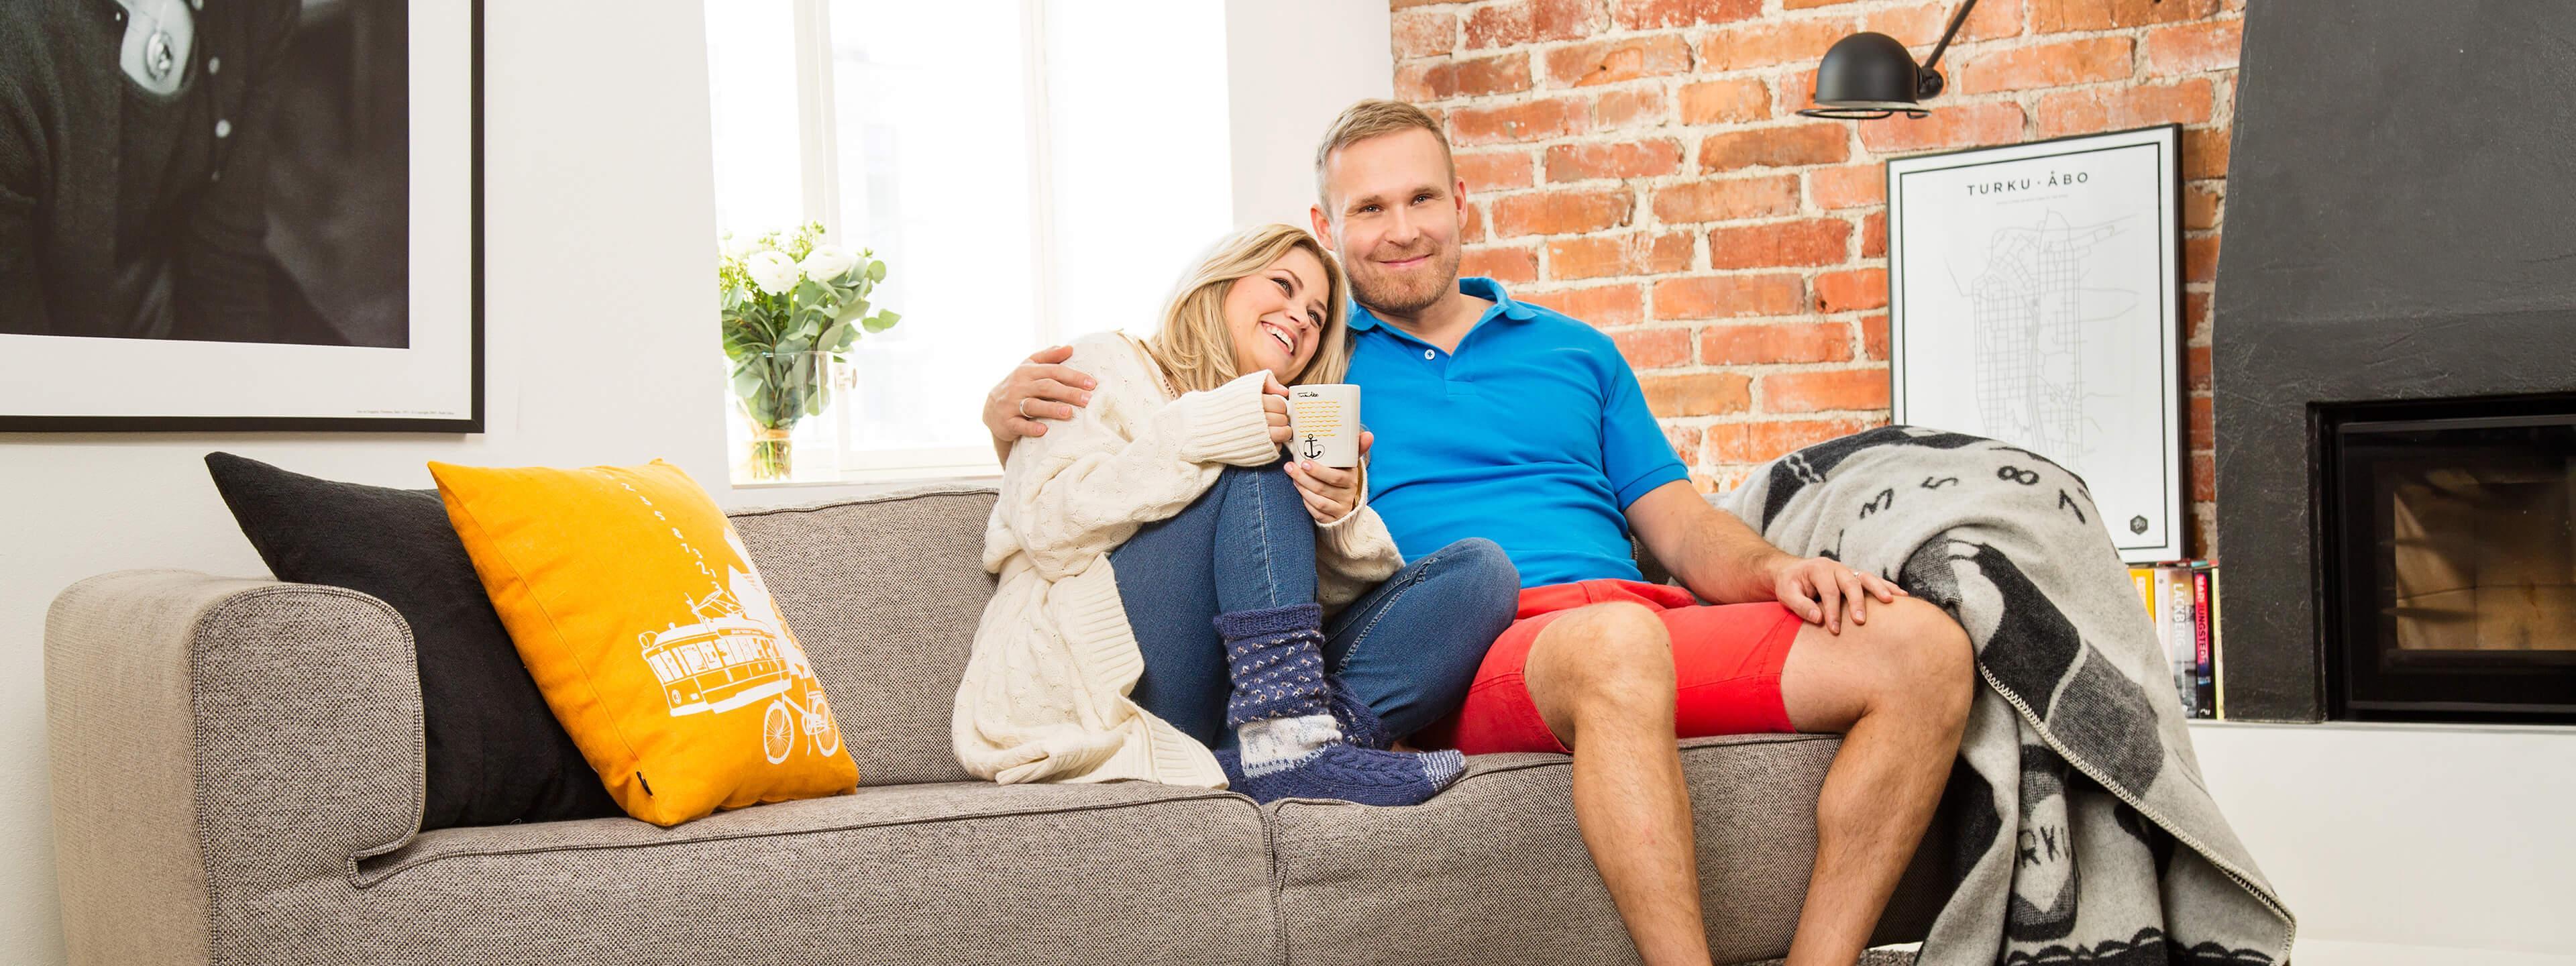 Perhe Valosen pariskunta istuu yhdessä sohvalla.